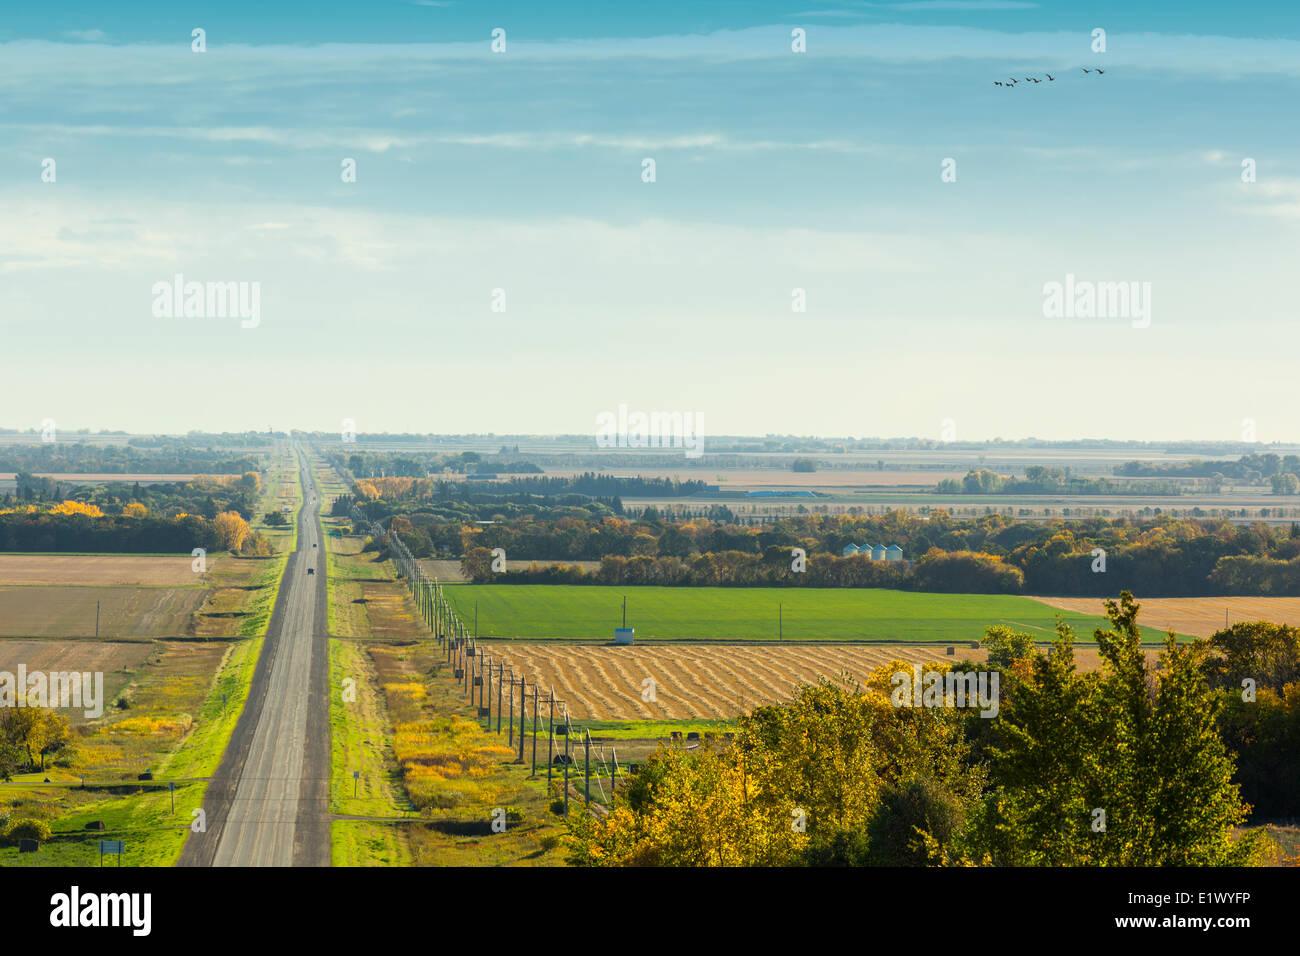 Autostrada e campi di agricoltura, Thompson, Manitoba, Canada Immagini Stock